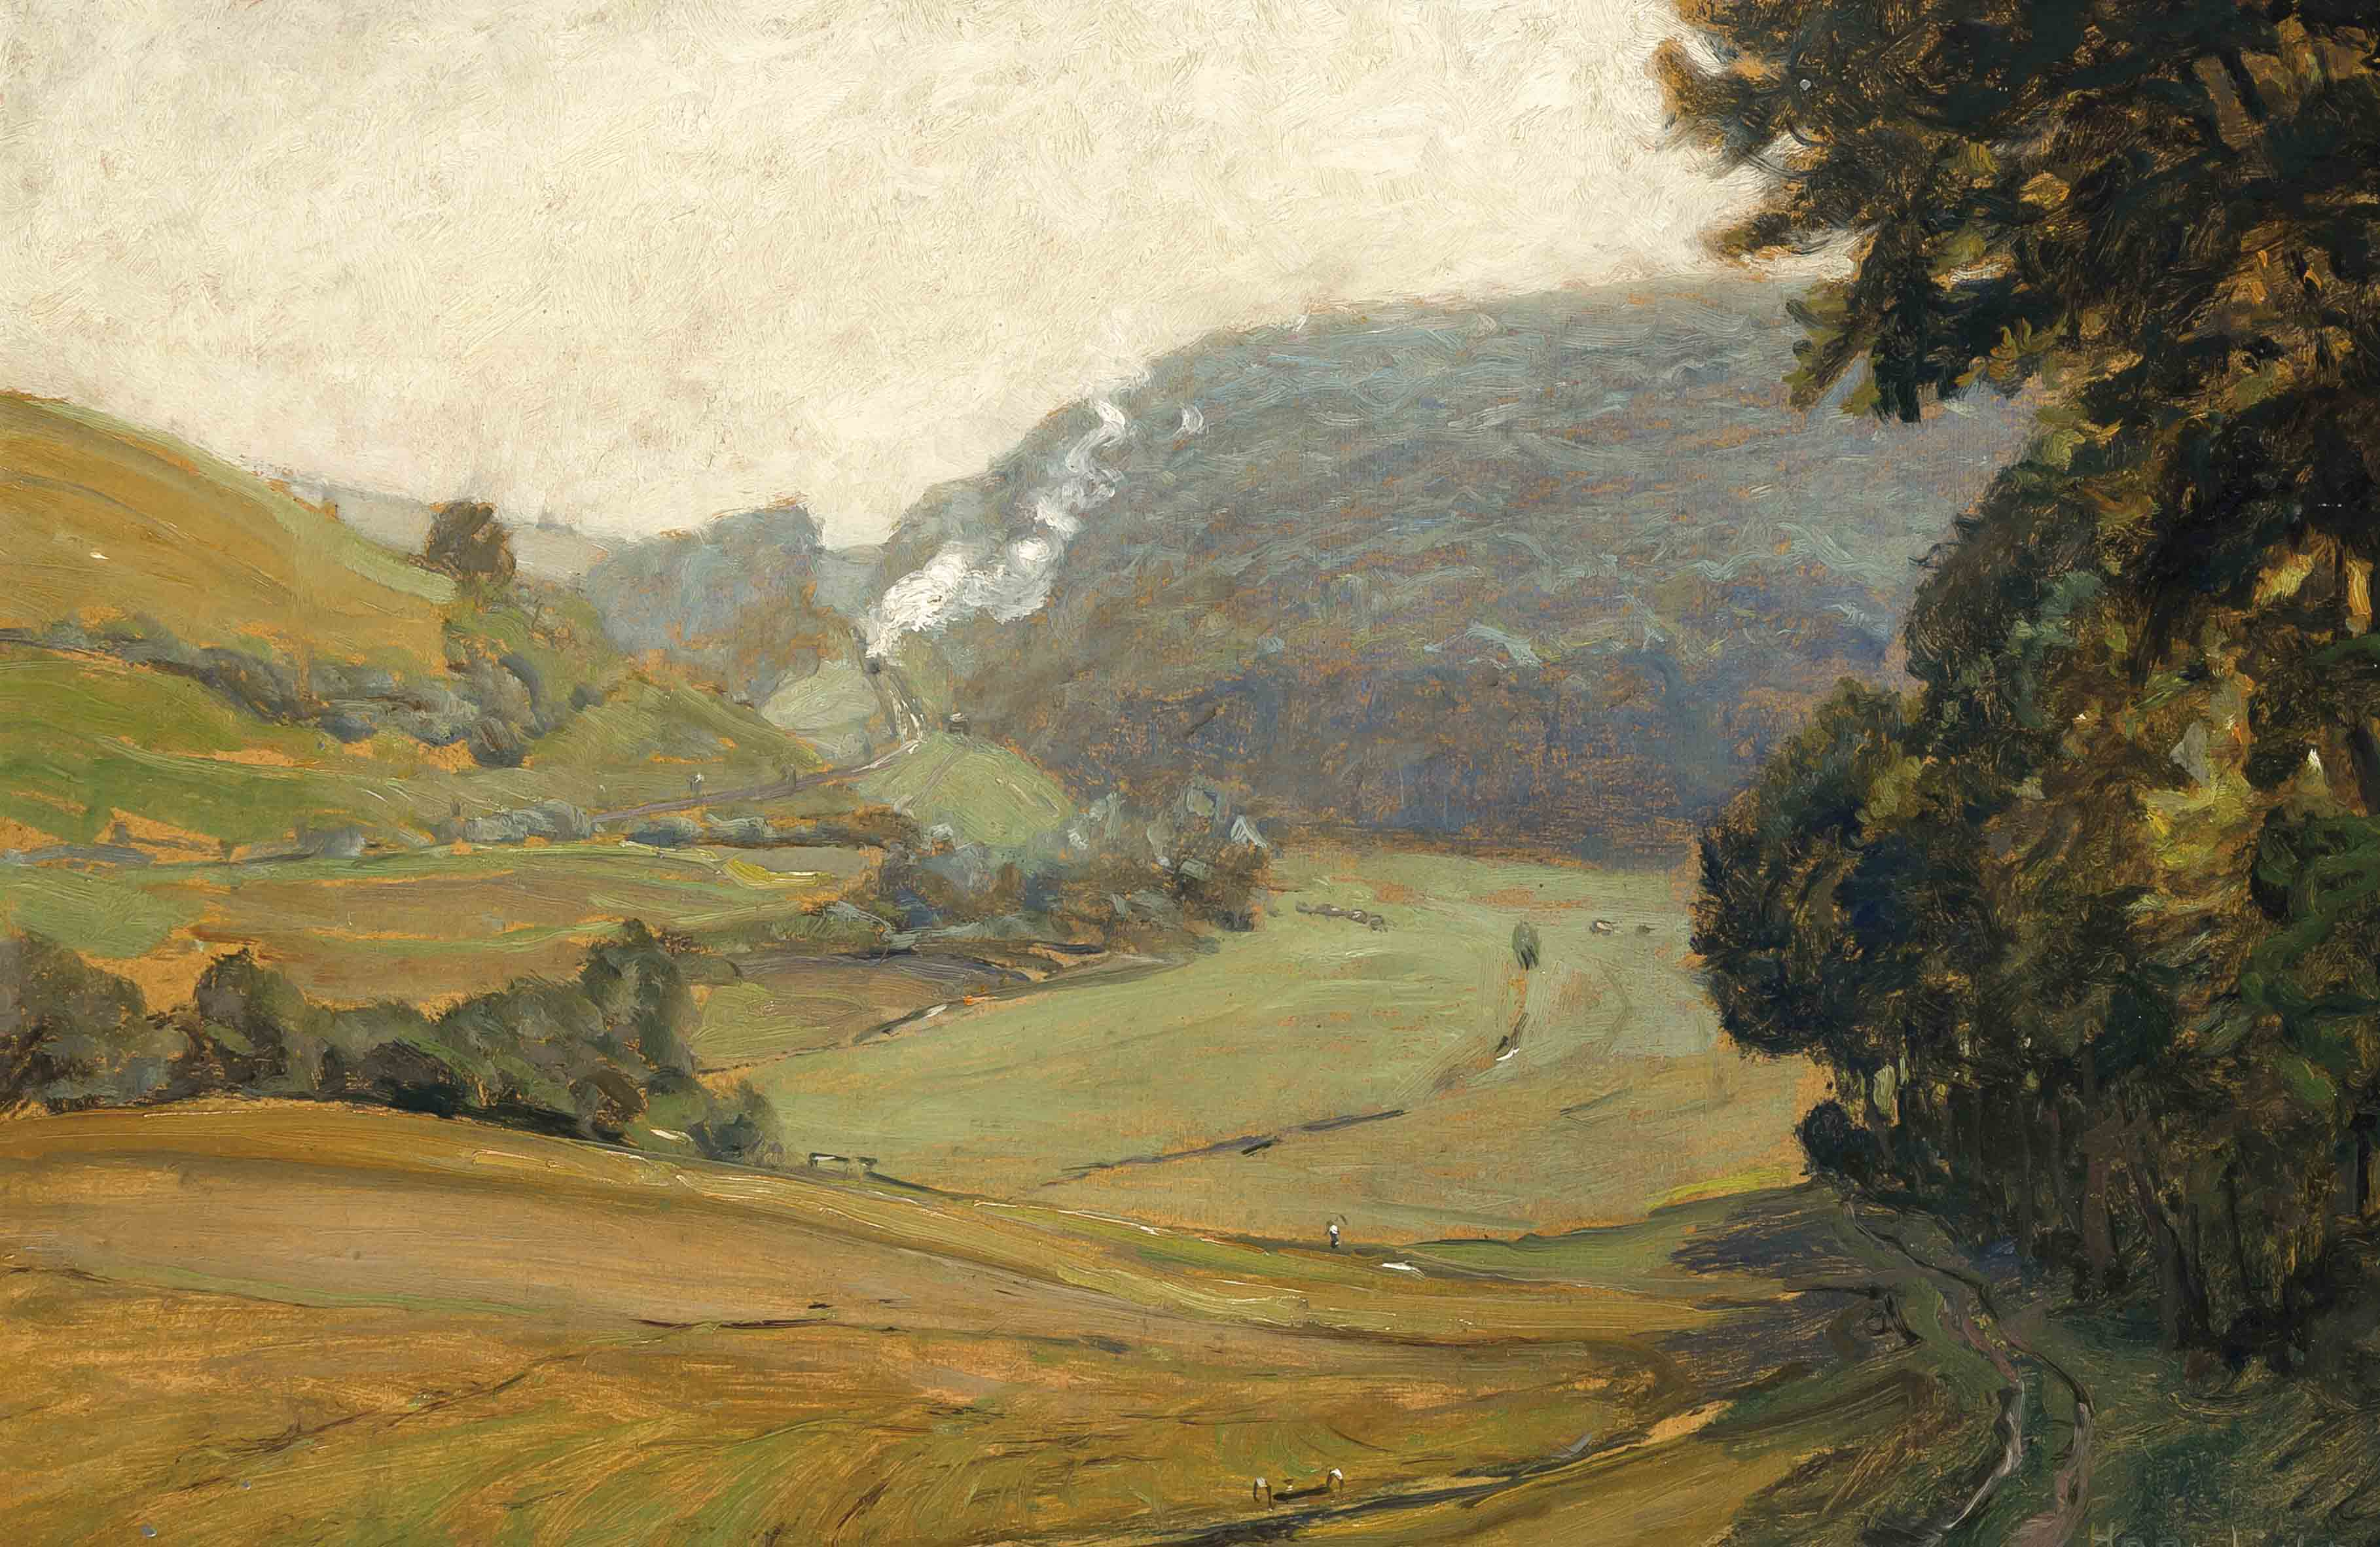 Landschaftsmalerei impressionismus  Hans Licht (1876-1935), Landschaftsmaler des dt. Impressionismus ...